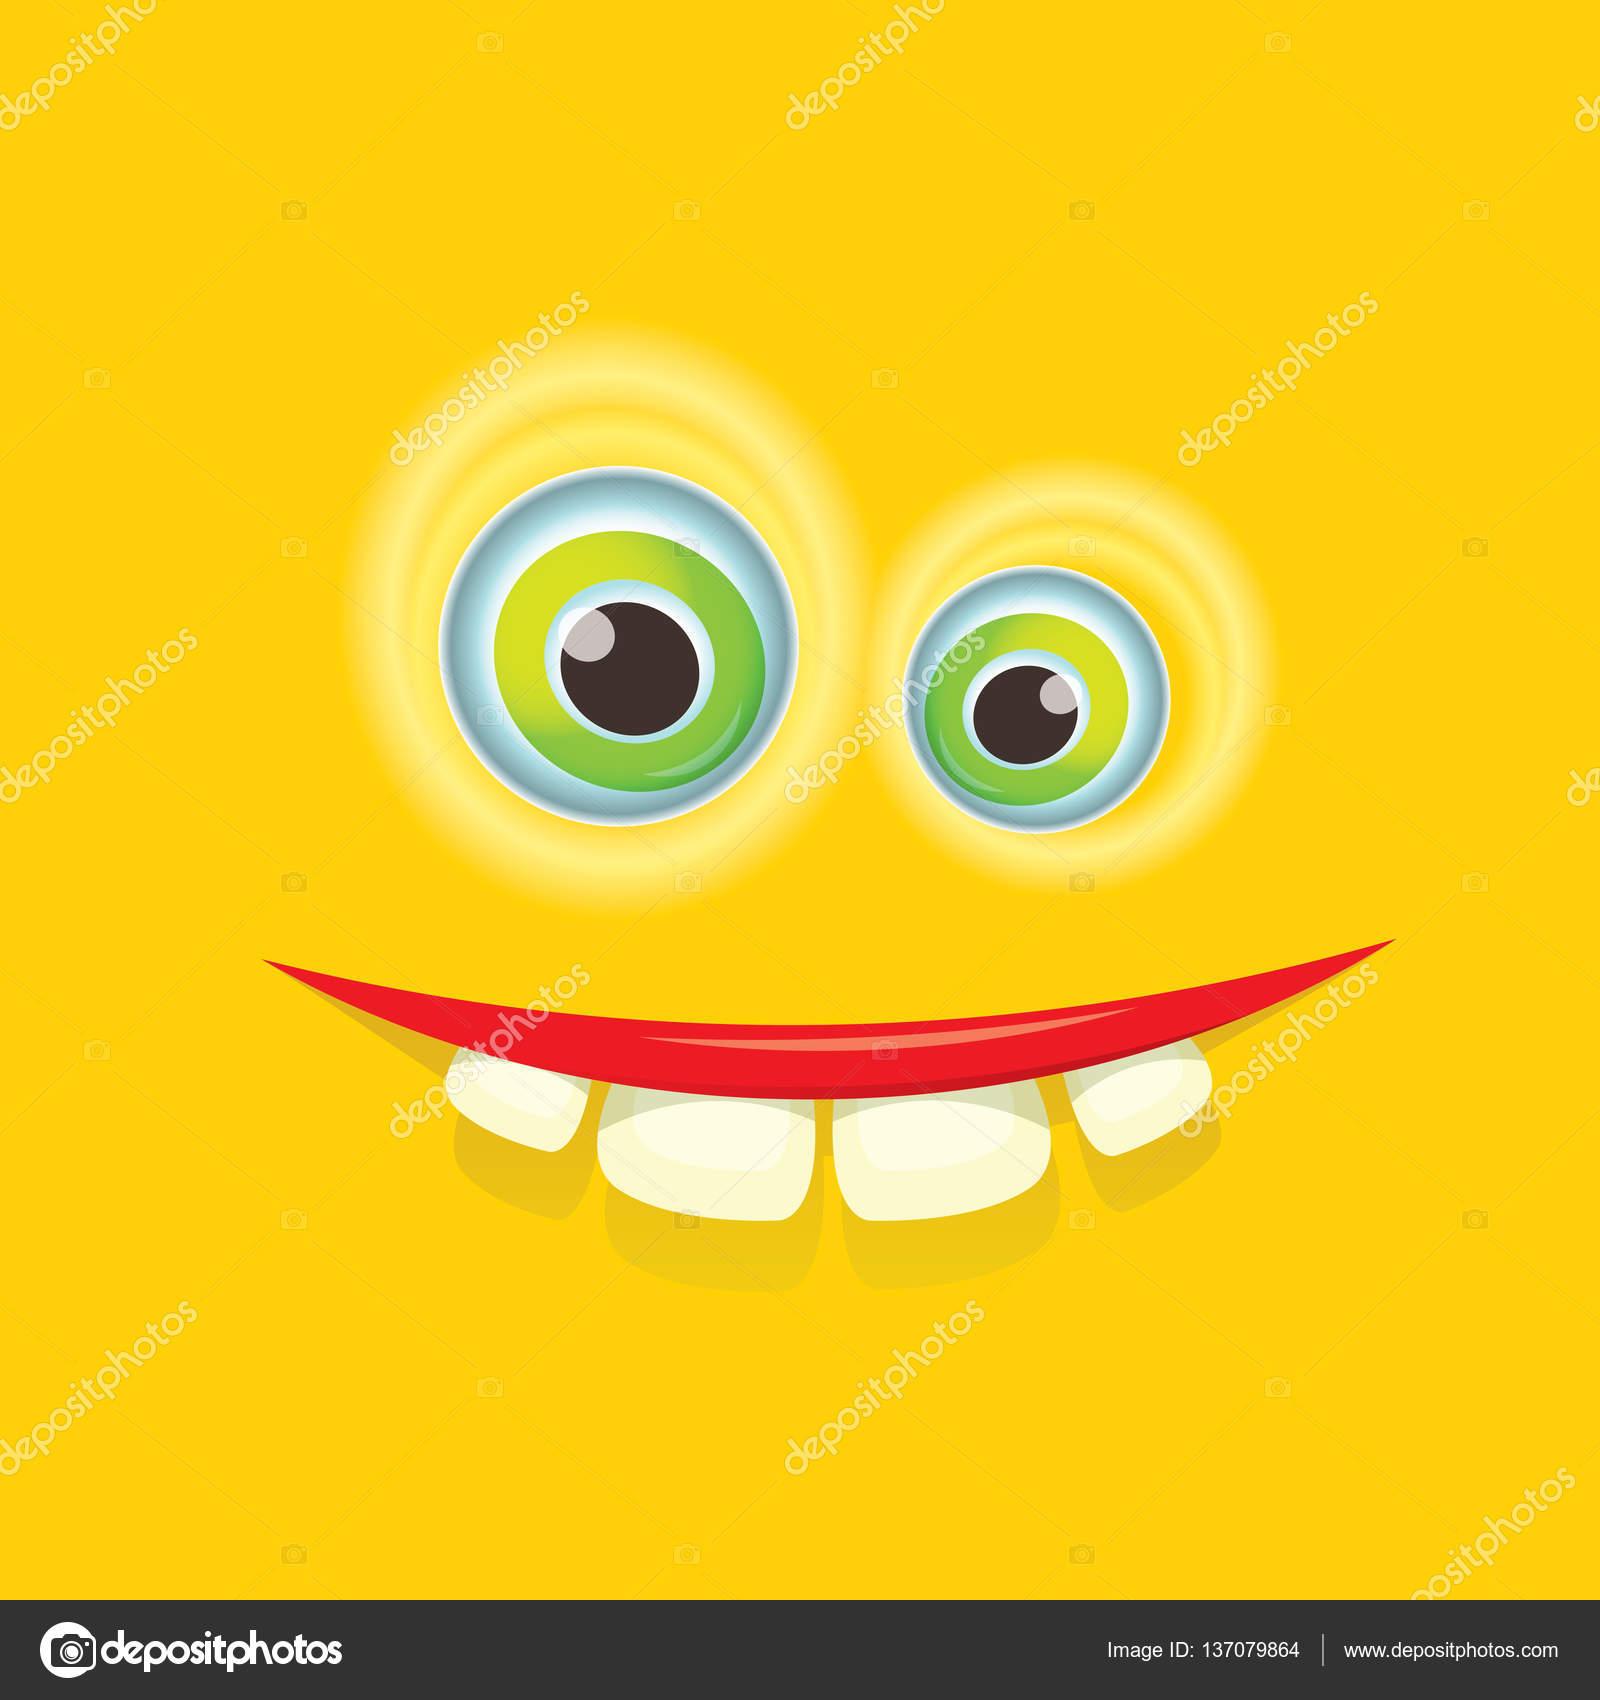 Vektor orange lustiges Monster Gesicht — Stockvektor © zm1ter #137079864